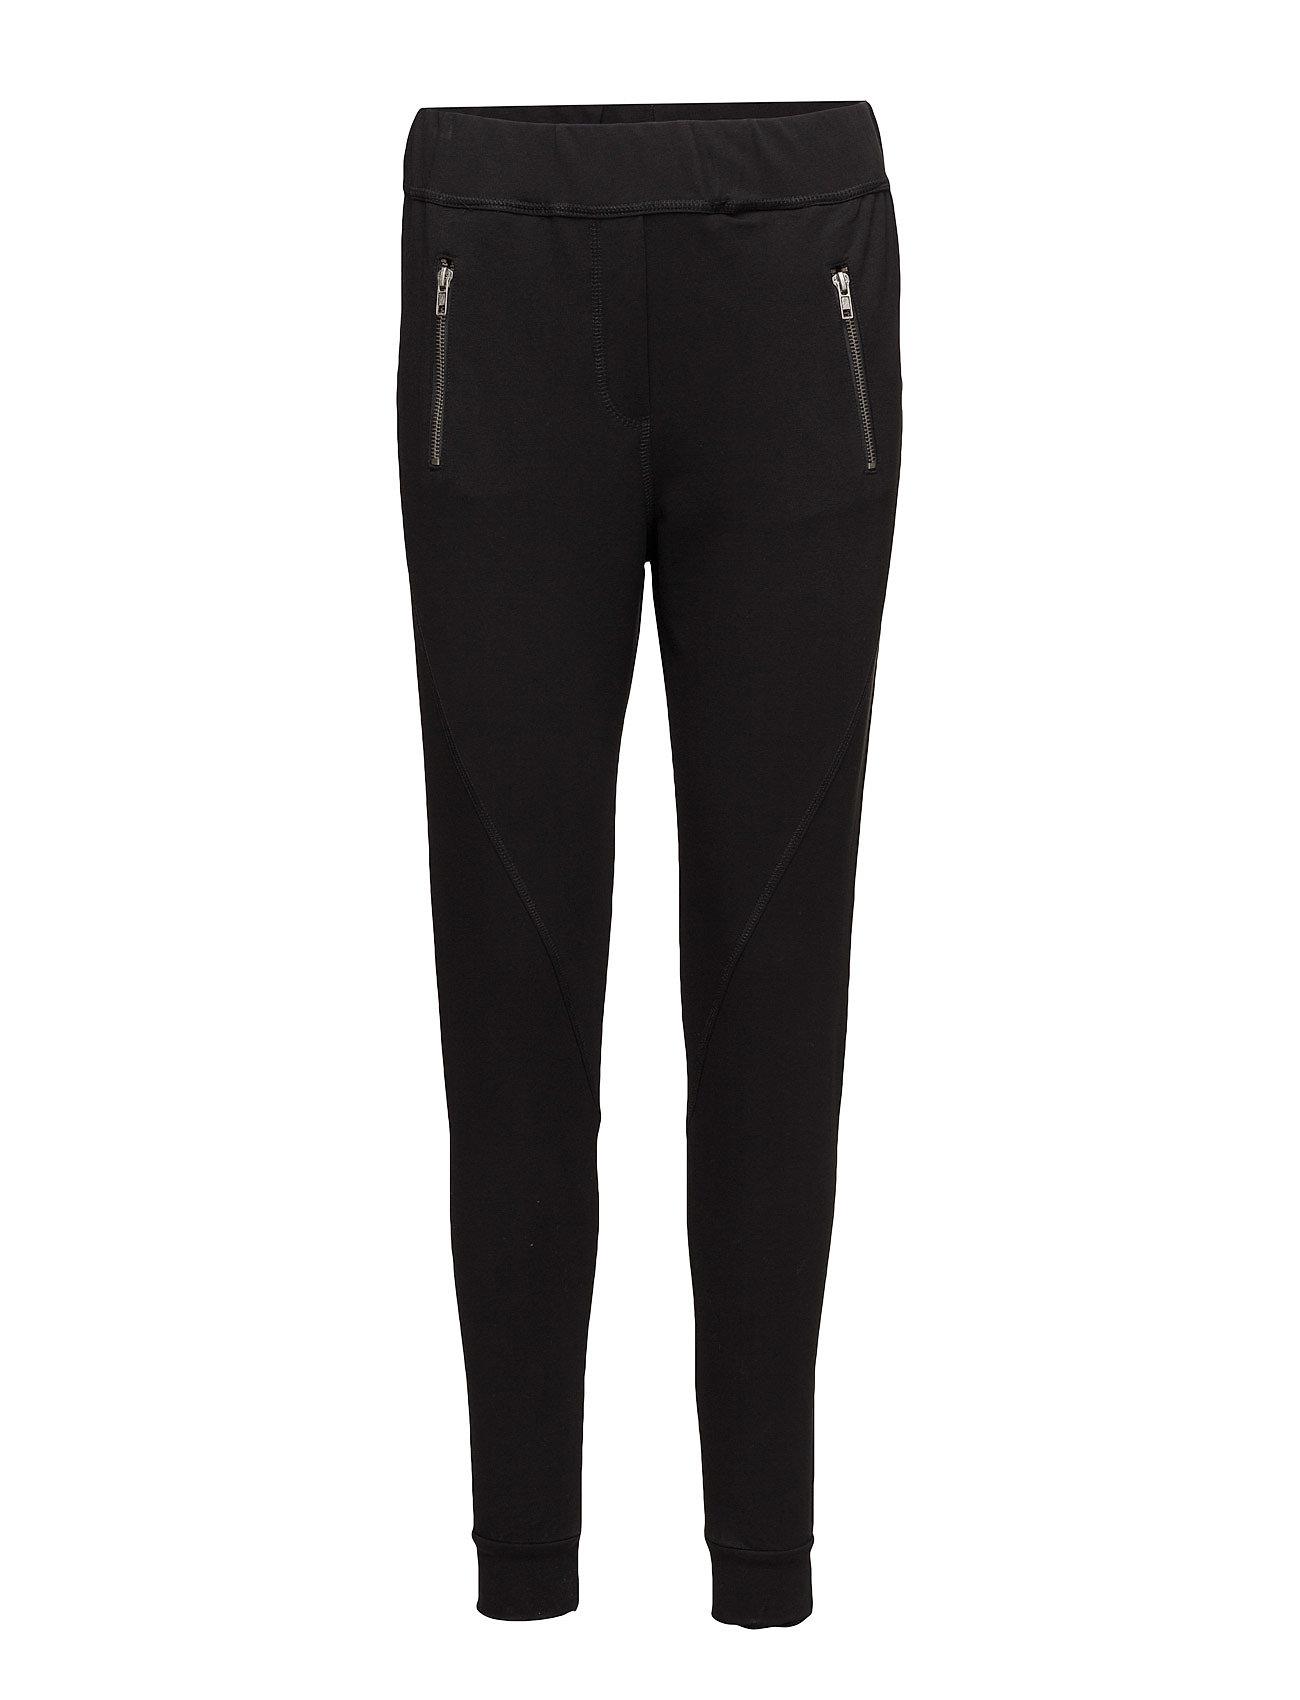 Miley 010 Zip, Black, Pants 2nd One Casual bukser til Damer i Sort